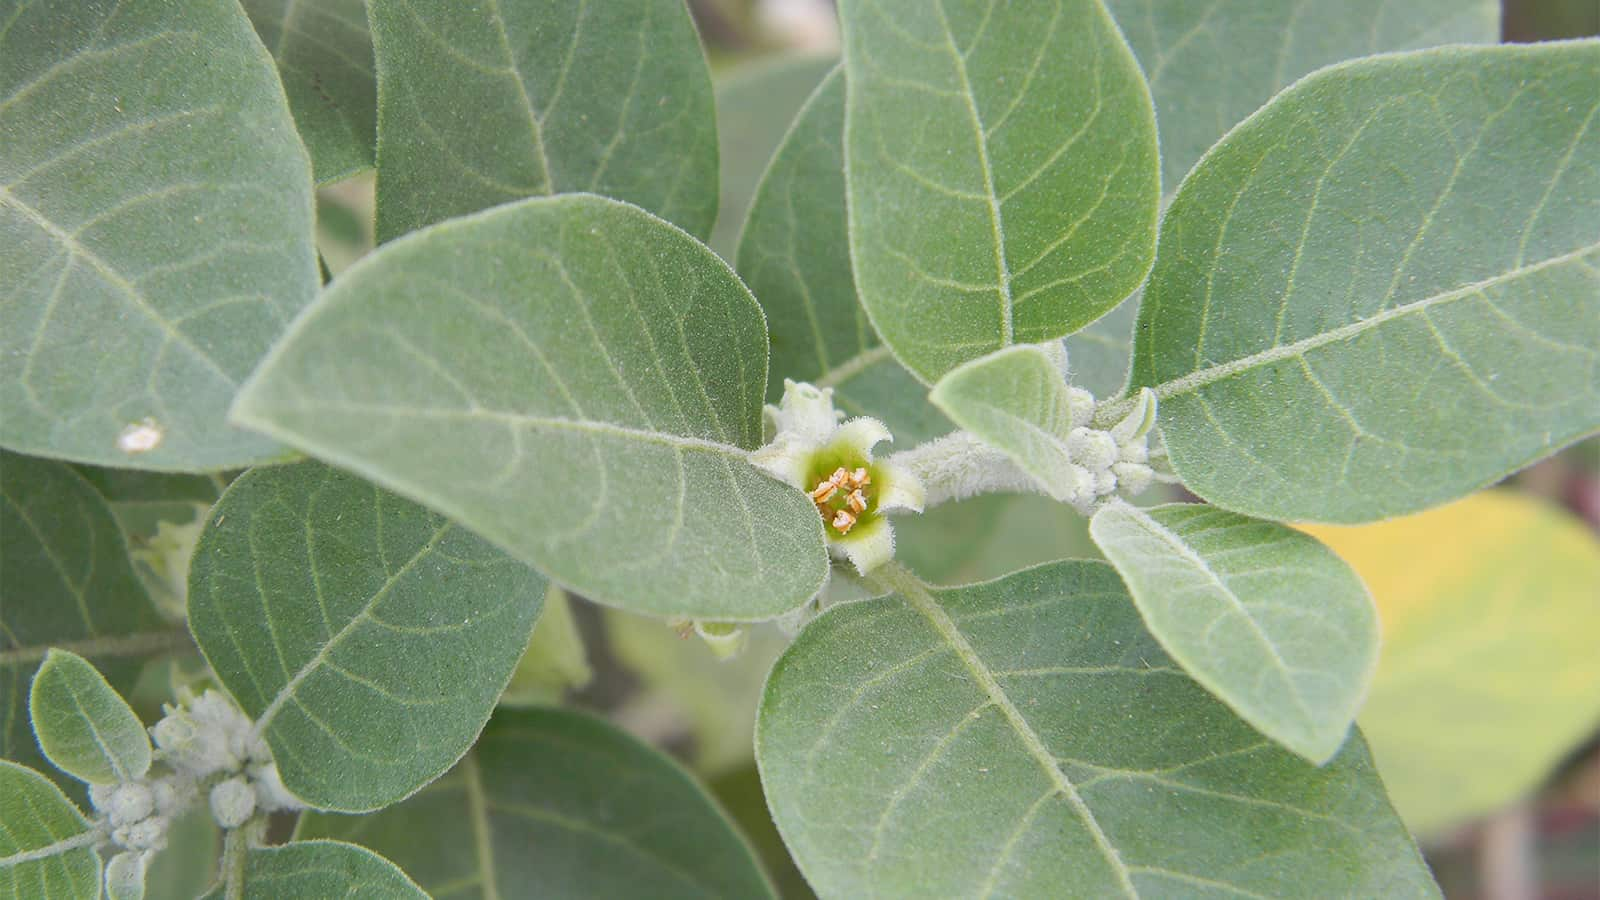 अश्वगंधा वनस्पती चे फायदे व मराठी माहिती | ashwagandha benefits in marathi